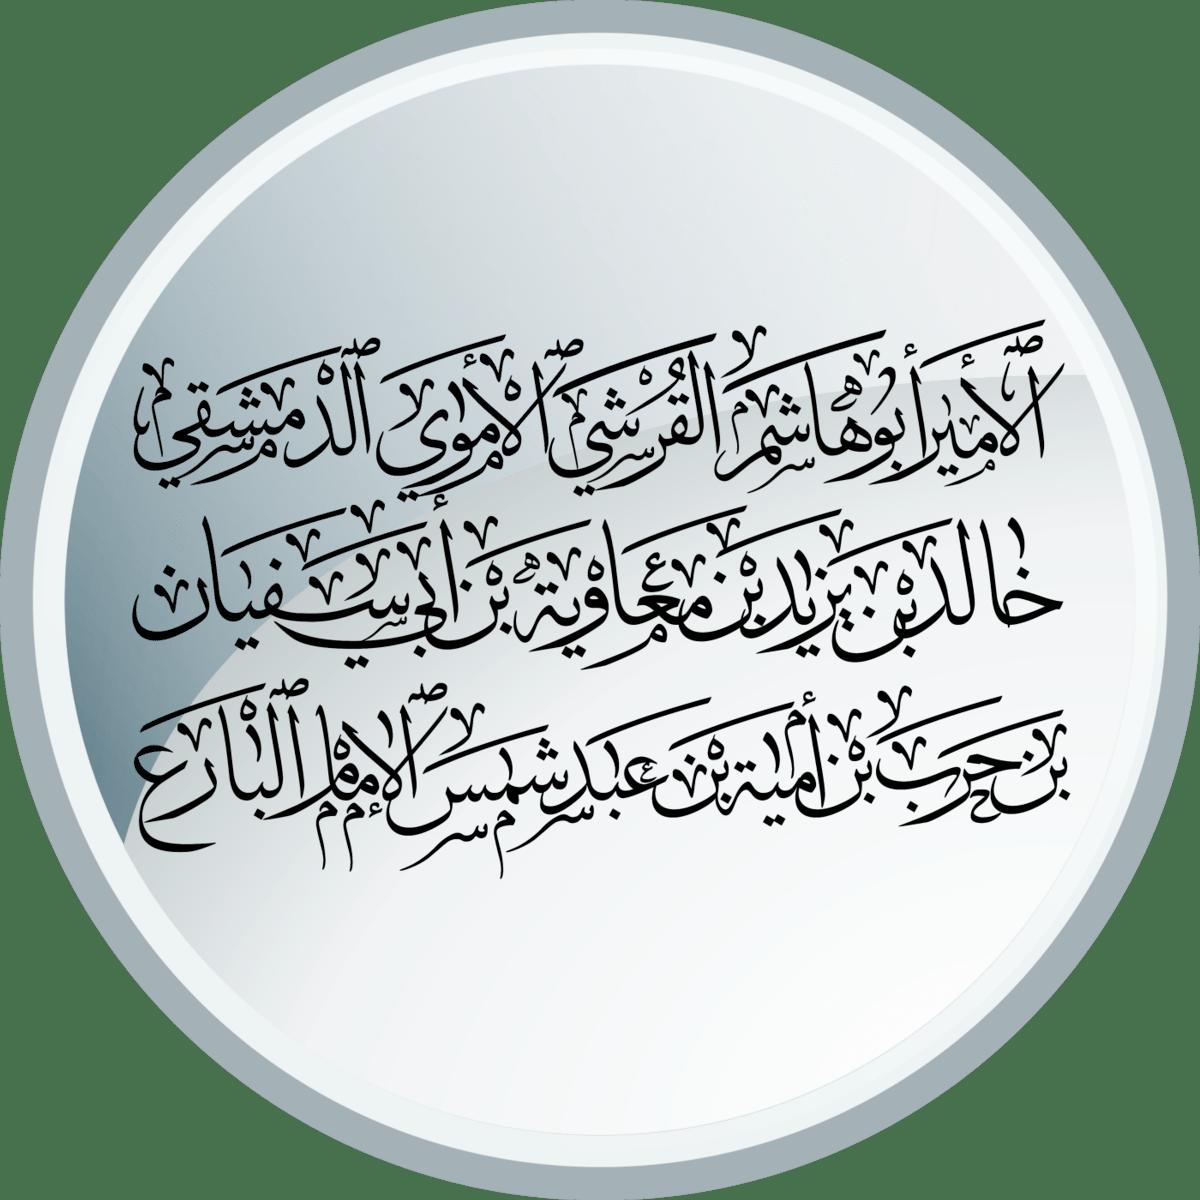 خالد بن يزيد بن معاوية ويكيبيديا